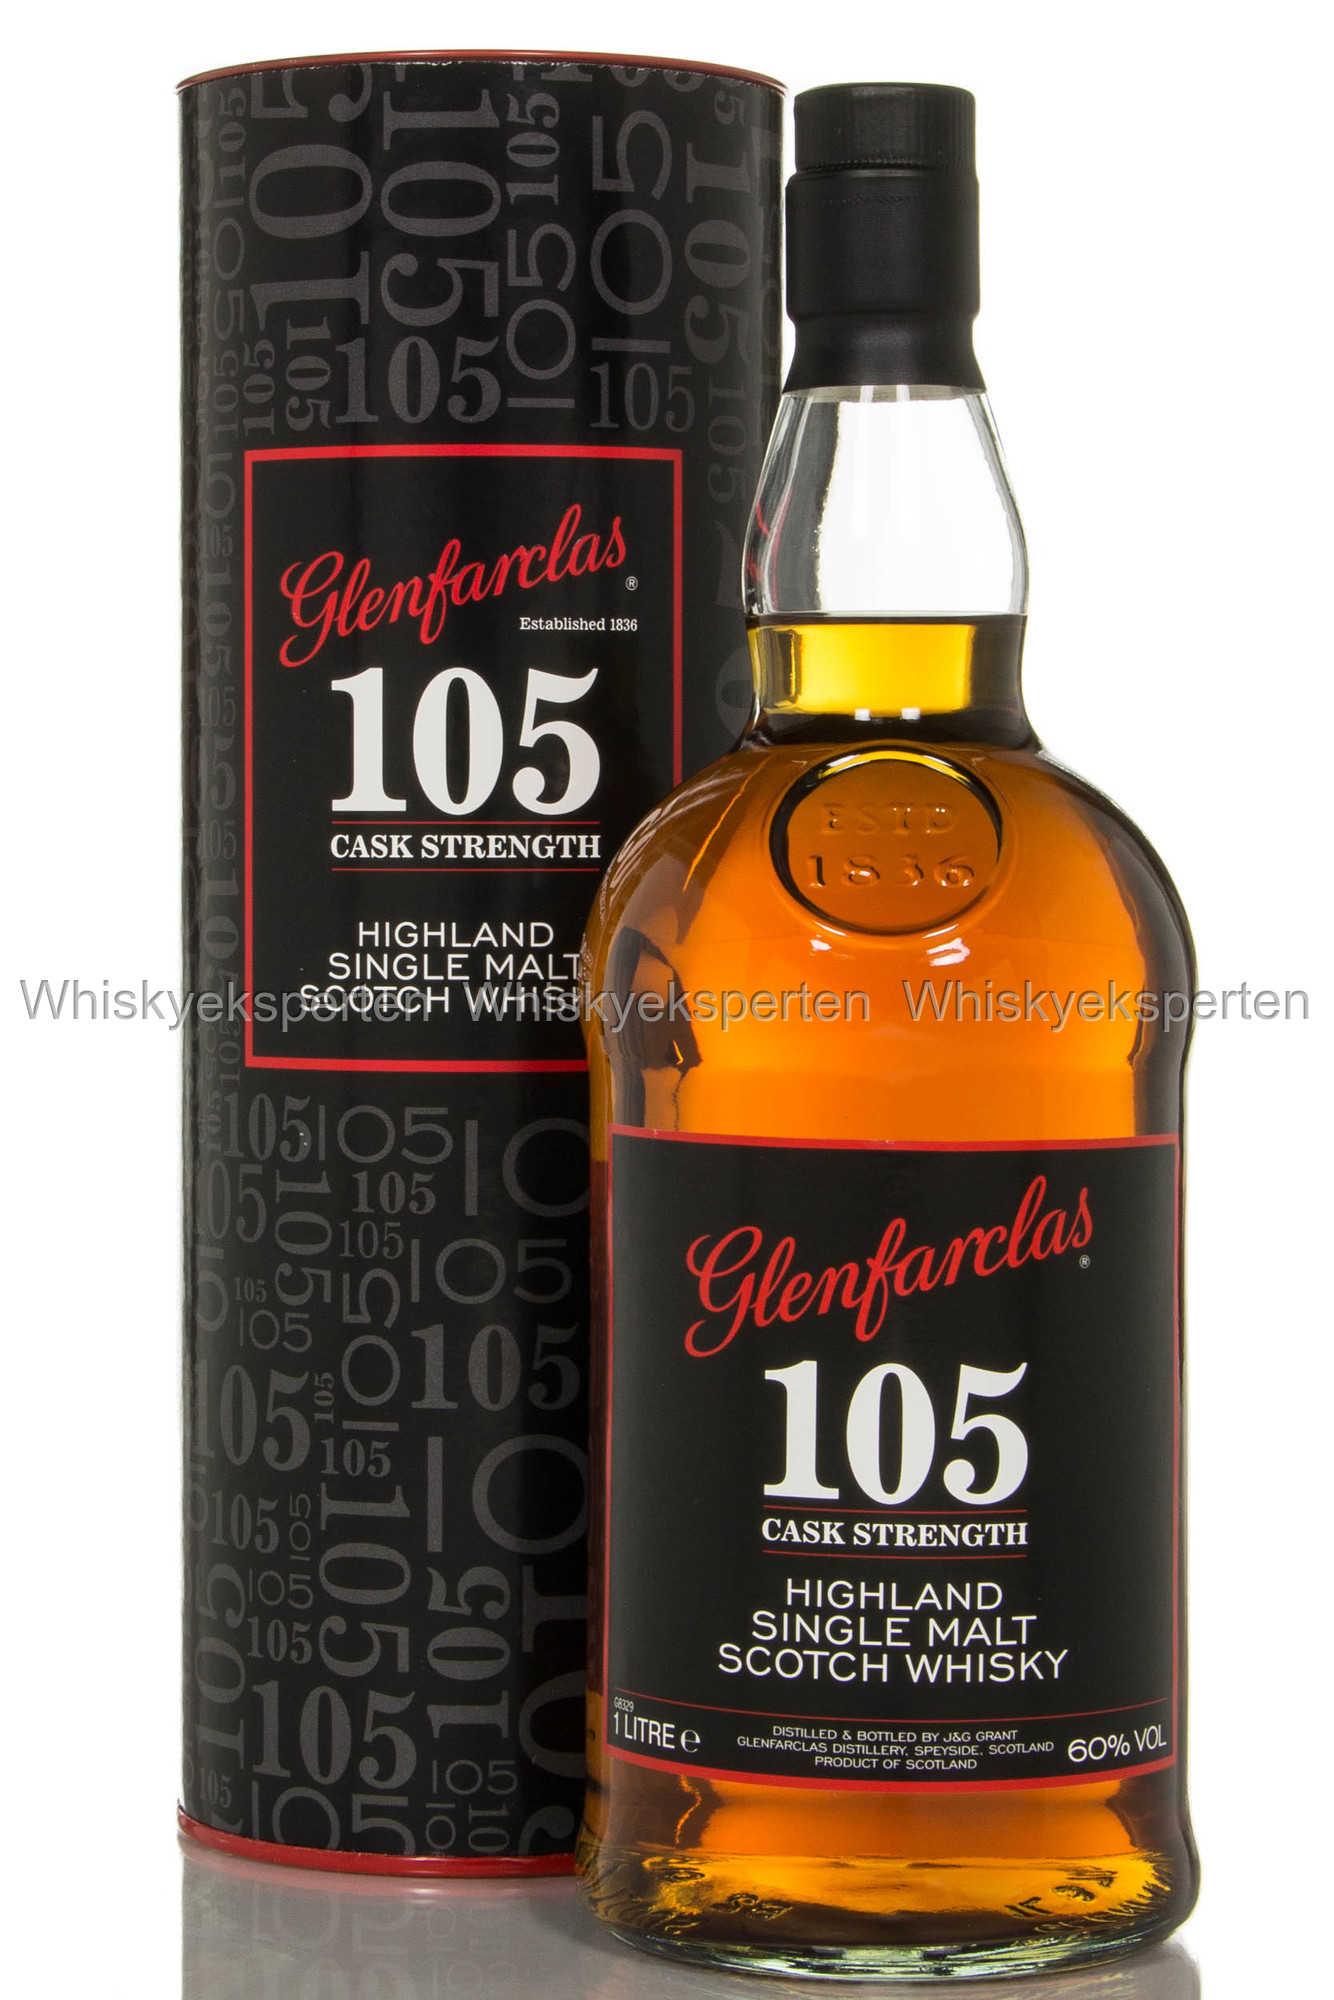 Moderne Whiskyeksperten - Danmarks Største Udvalg af Whisky MU-65